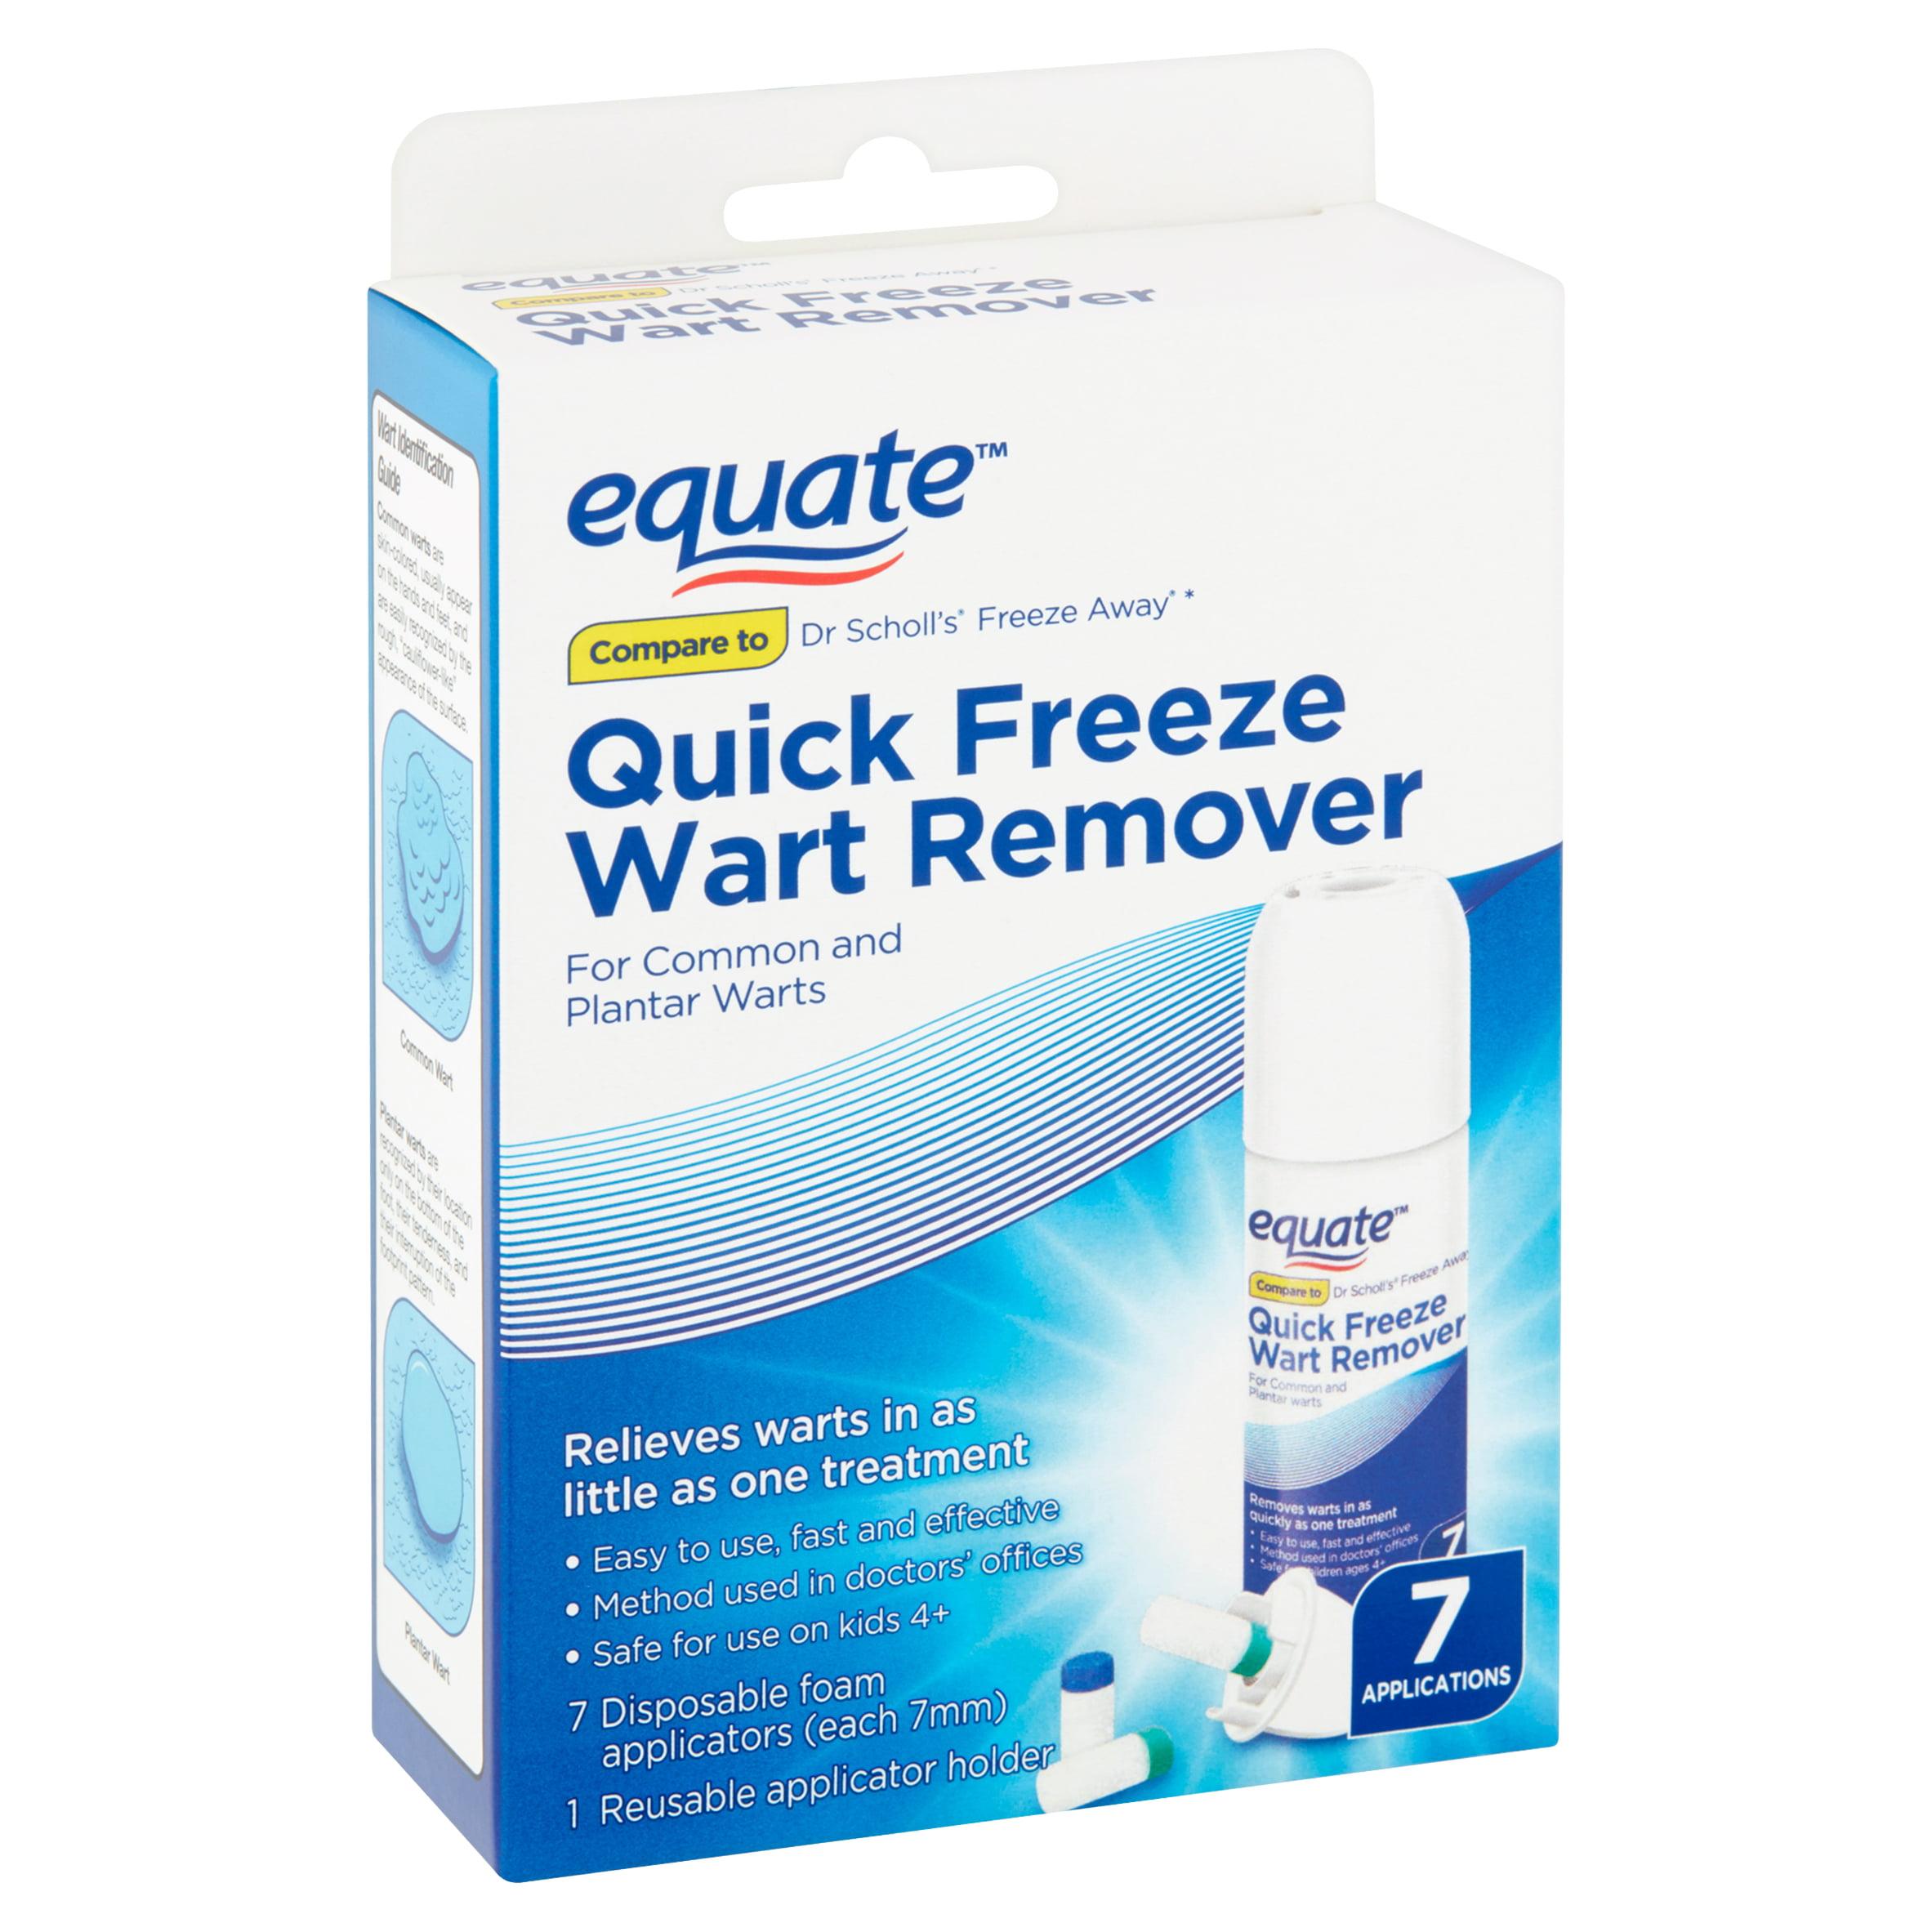 Equate Quick Freeze Wart Remover 7 Applications Walmart Com Walmart Com